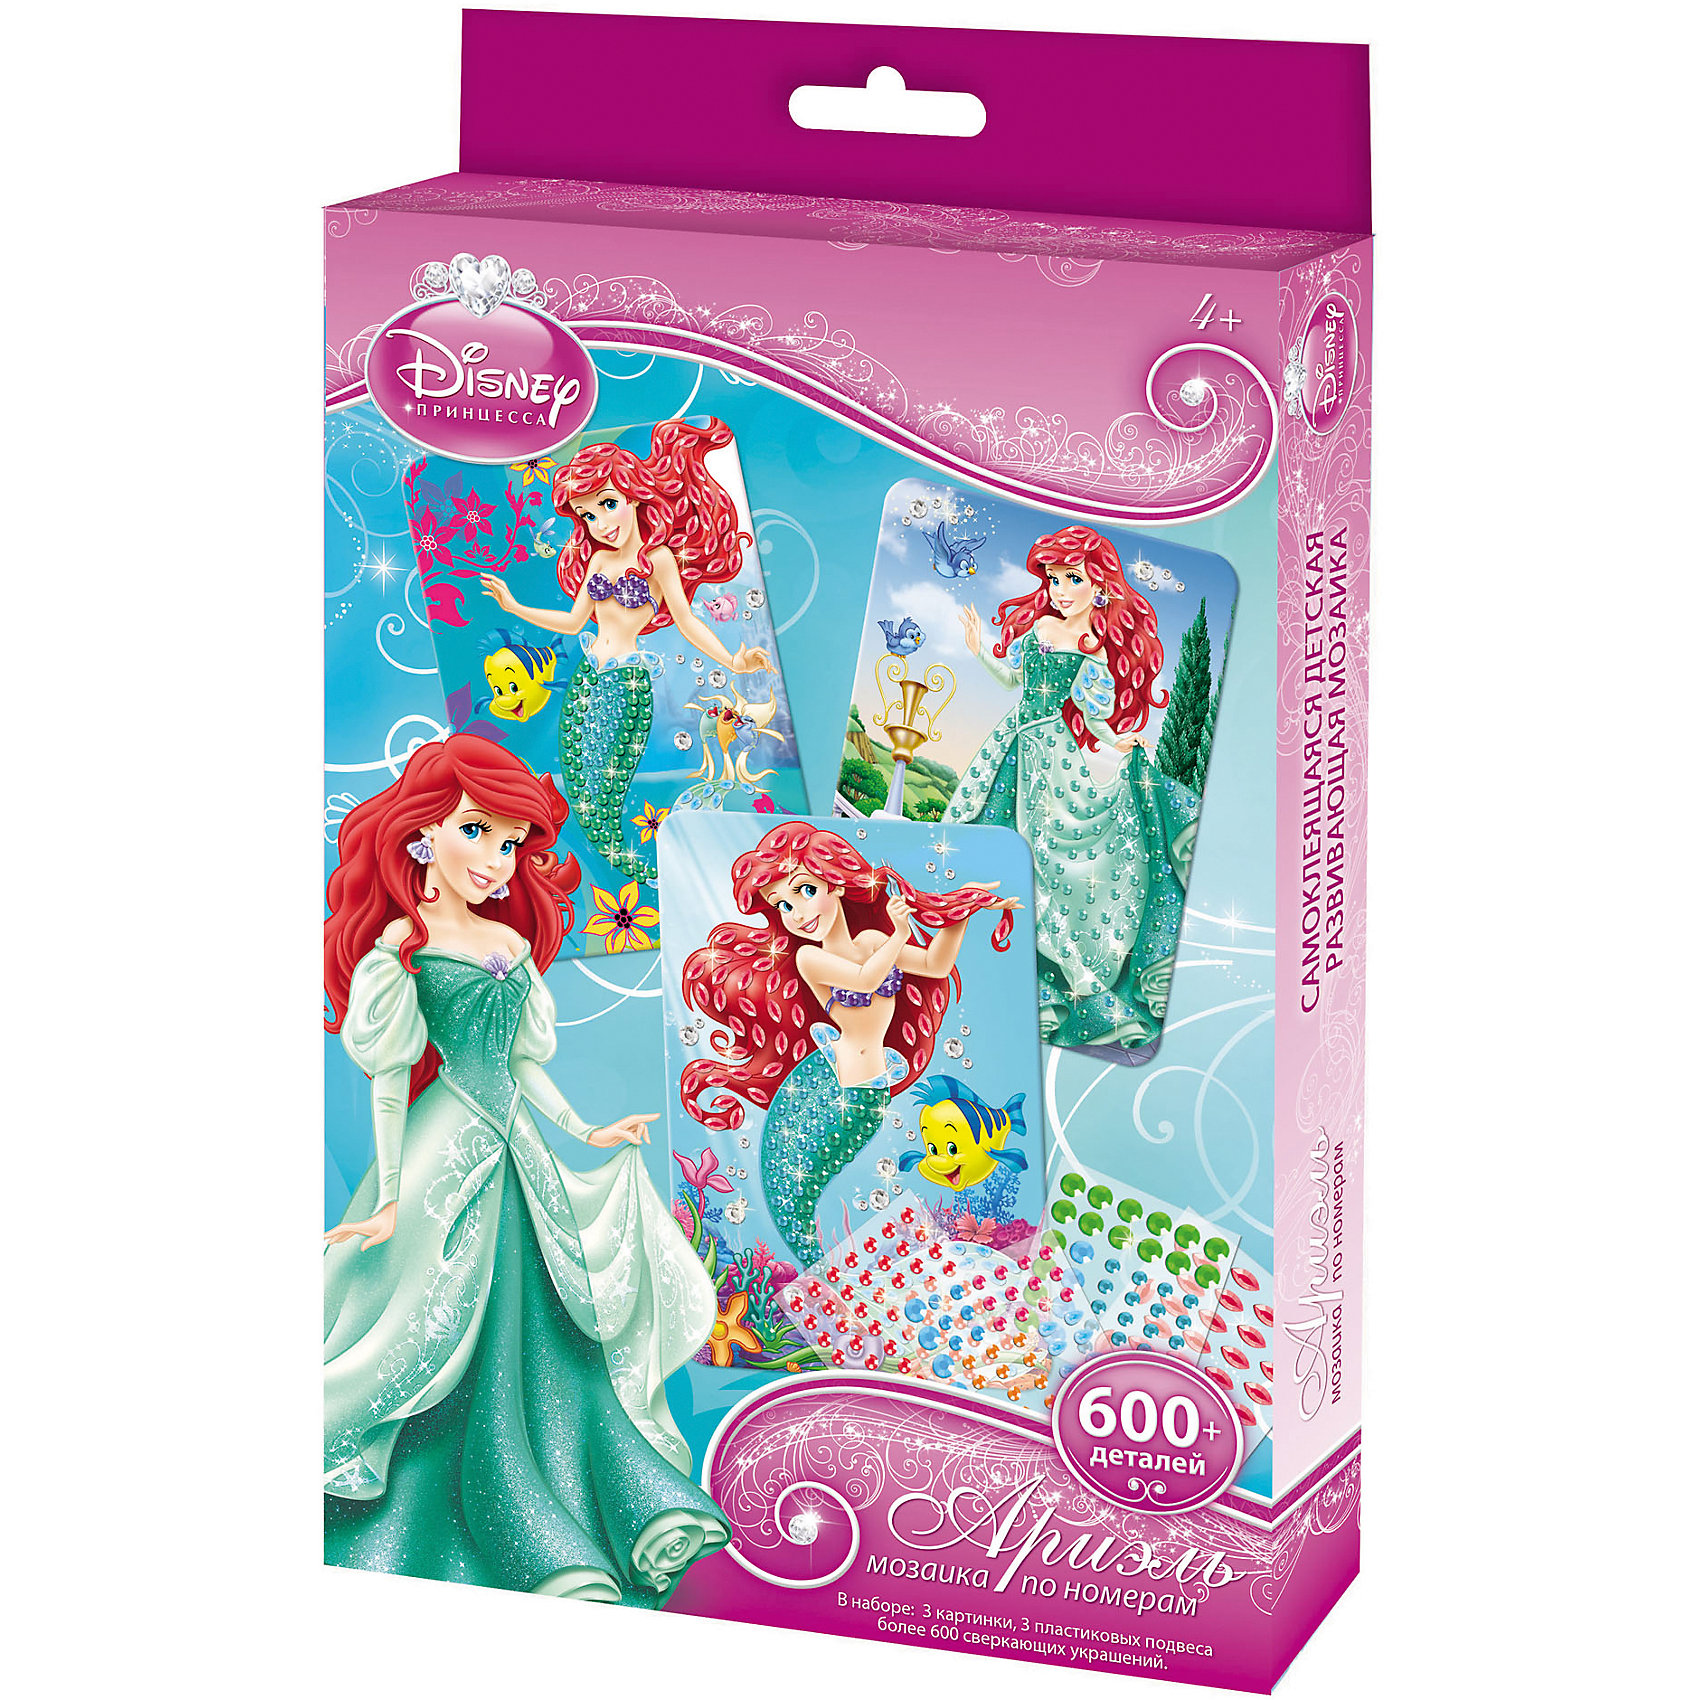 Origami Мозаика-набор 3 в 1 Ариель, Принцессы Дисней